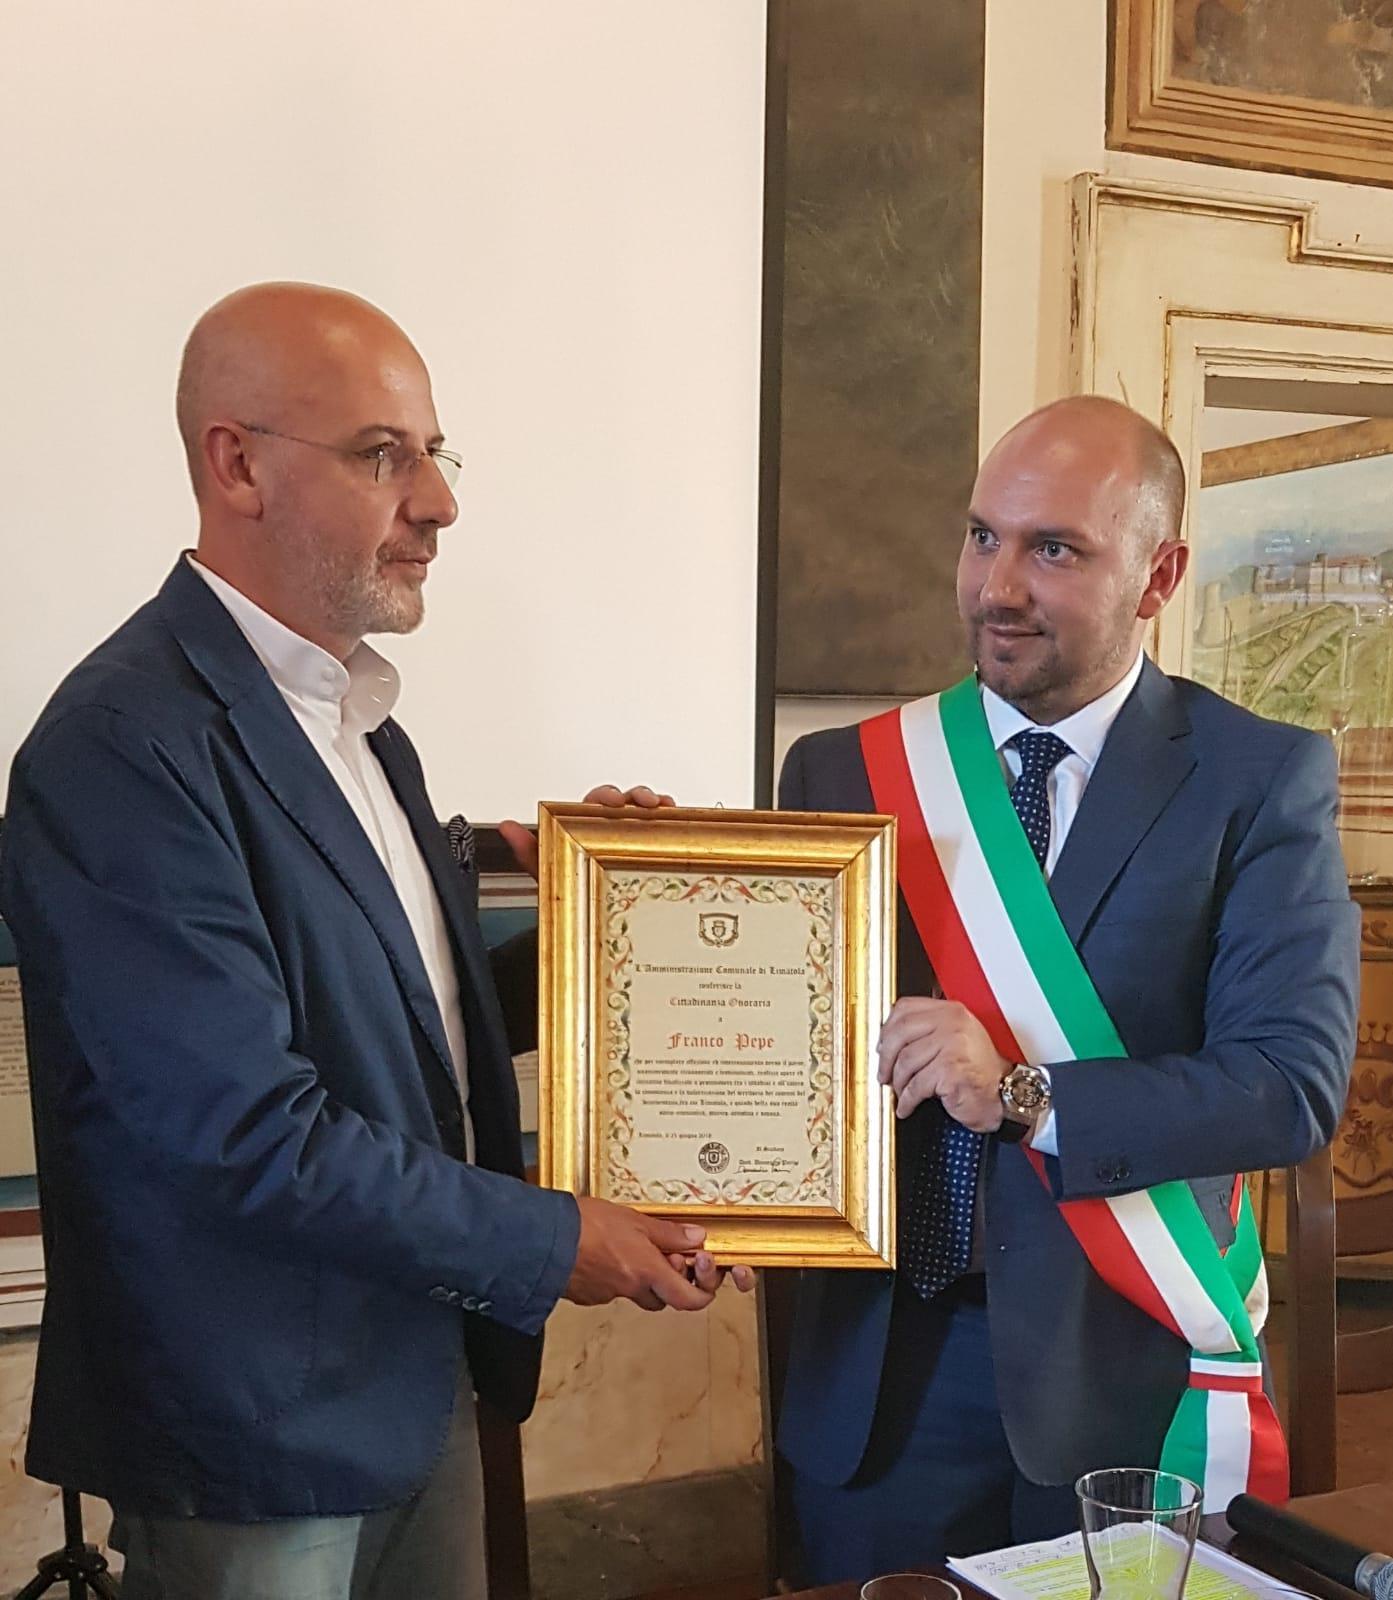 Franco Pepe miglior pizzaiolo al mondo, le congratulazioni del sindaco di Limatola